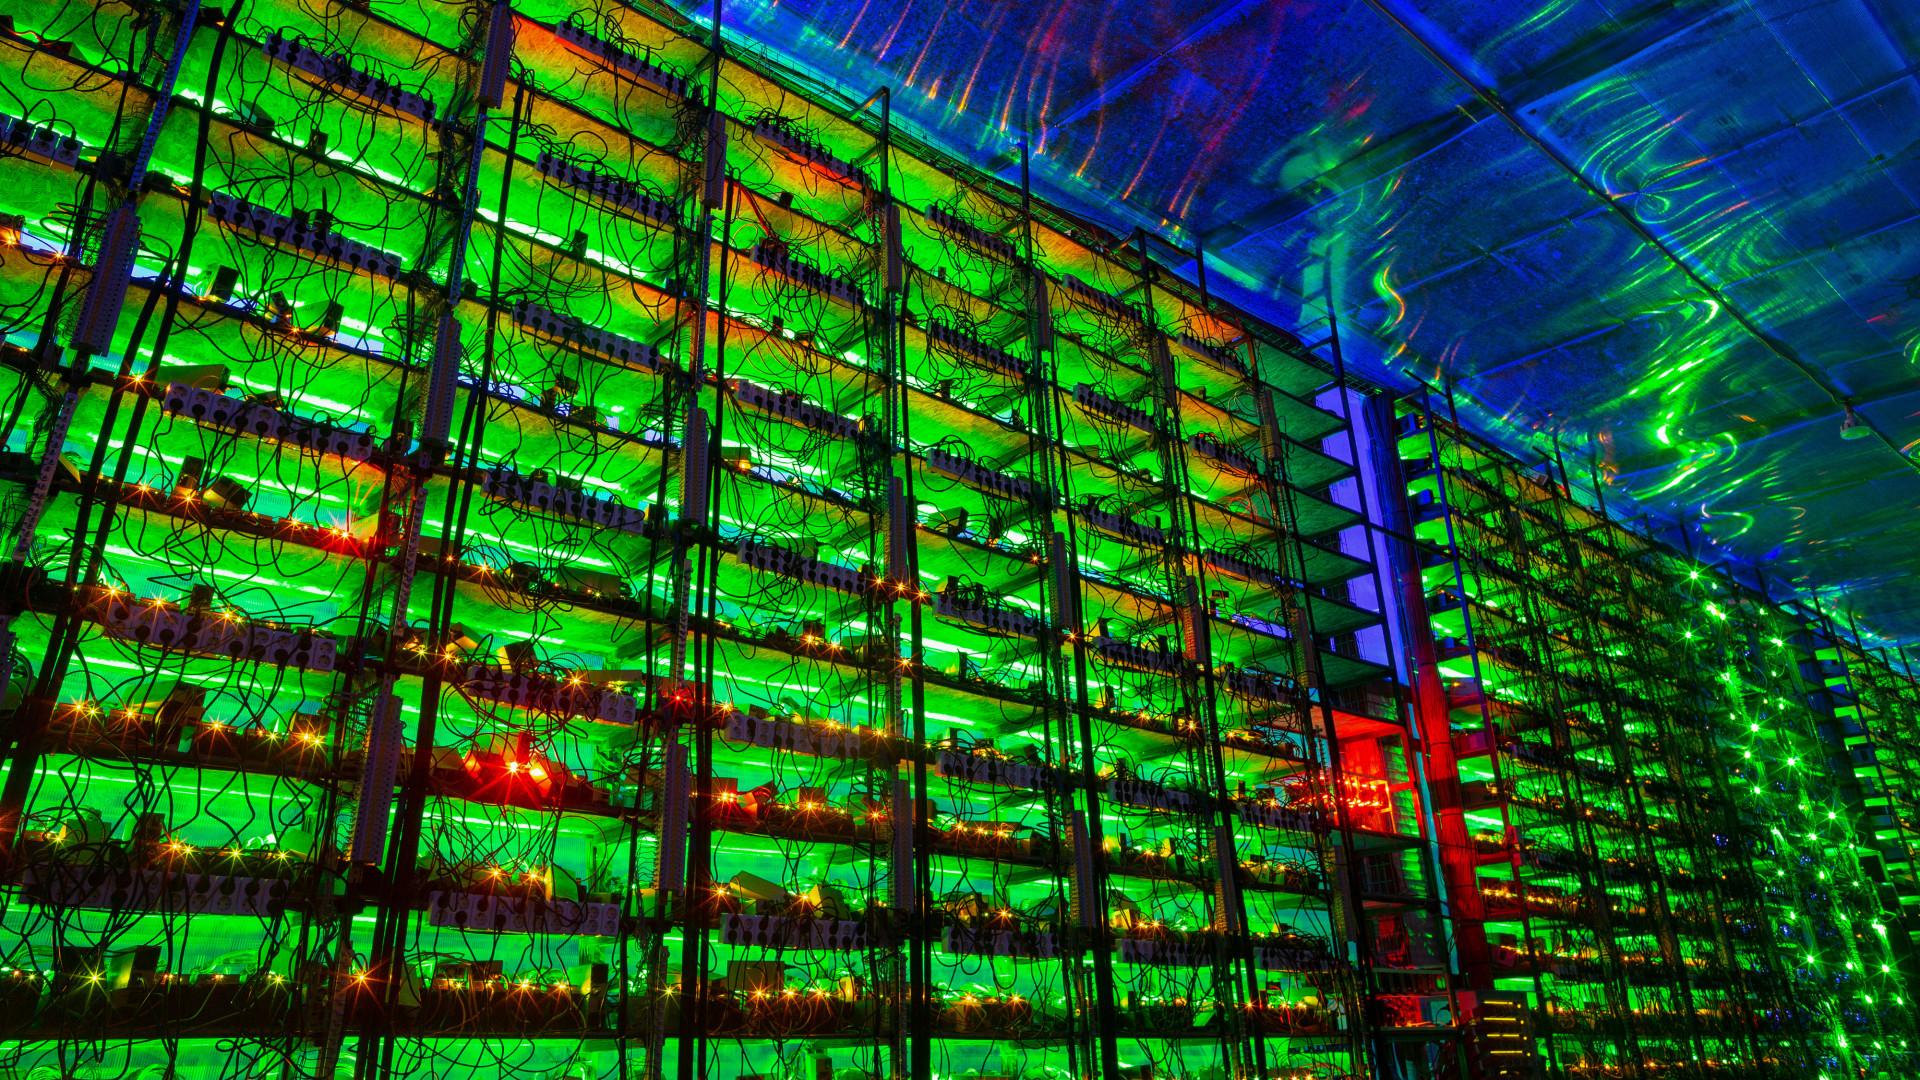 a btc díjai a magánfővállalkozásban bitcoin ár 2021 július